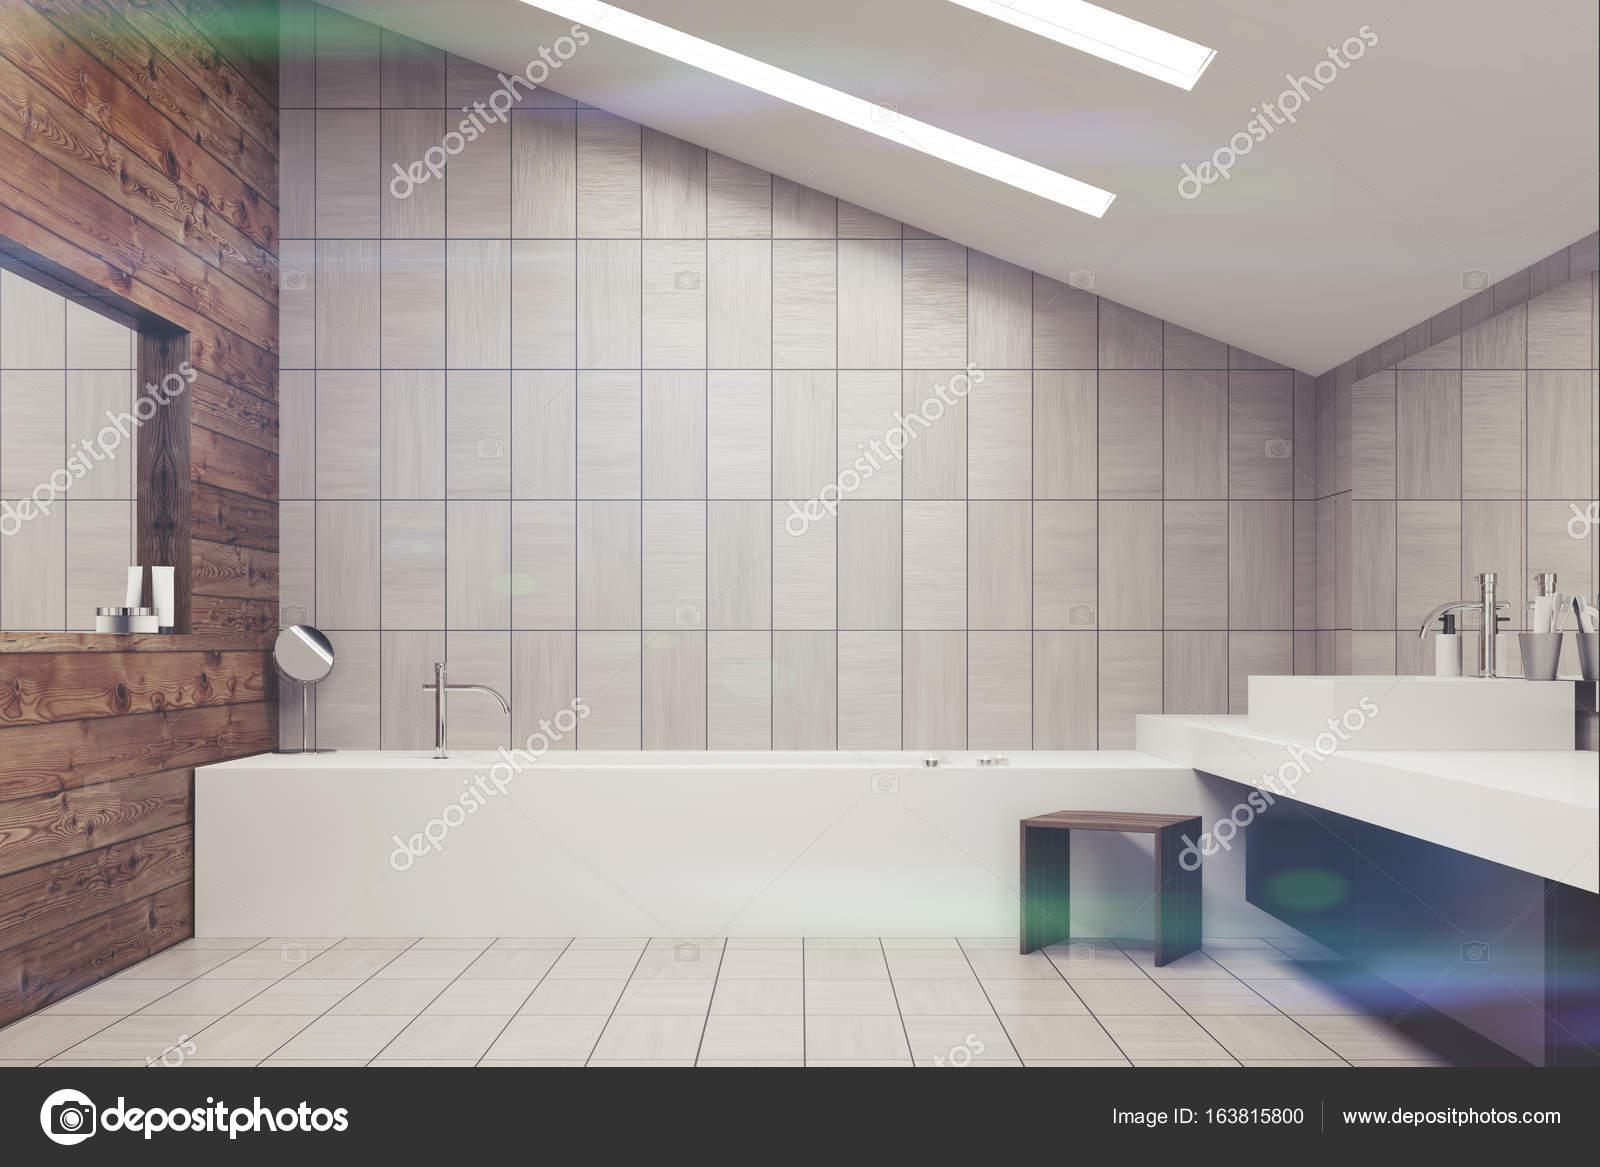 In legno e piastrelle bagno tonica u foto stock denisismagilov